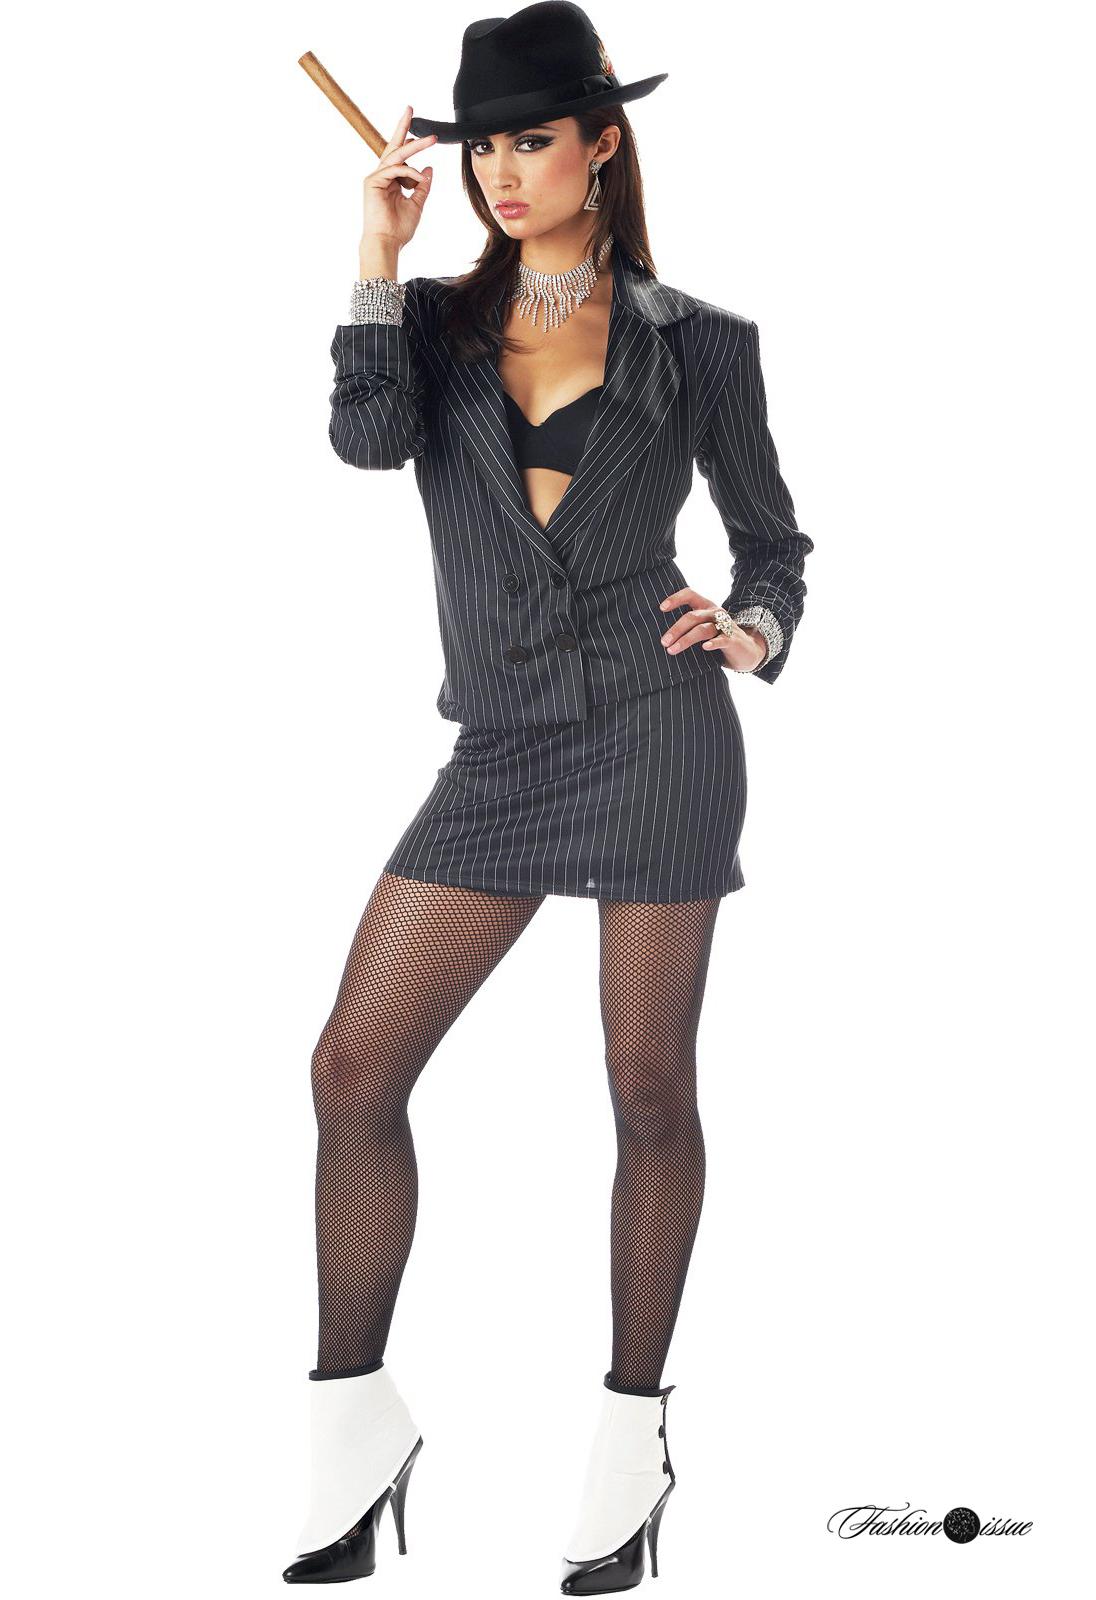 Гангстерский стиль одежды для женщин